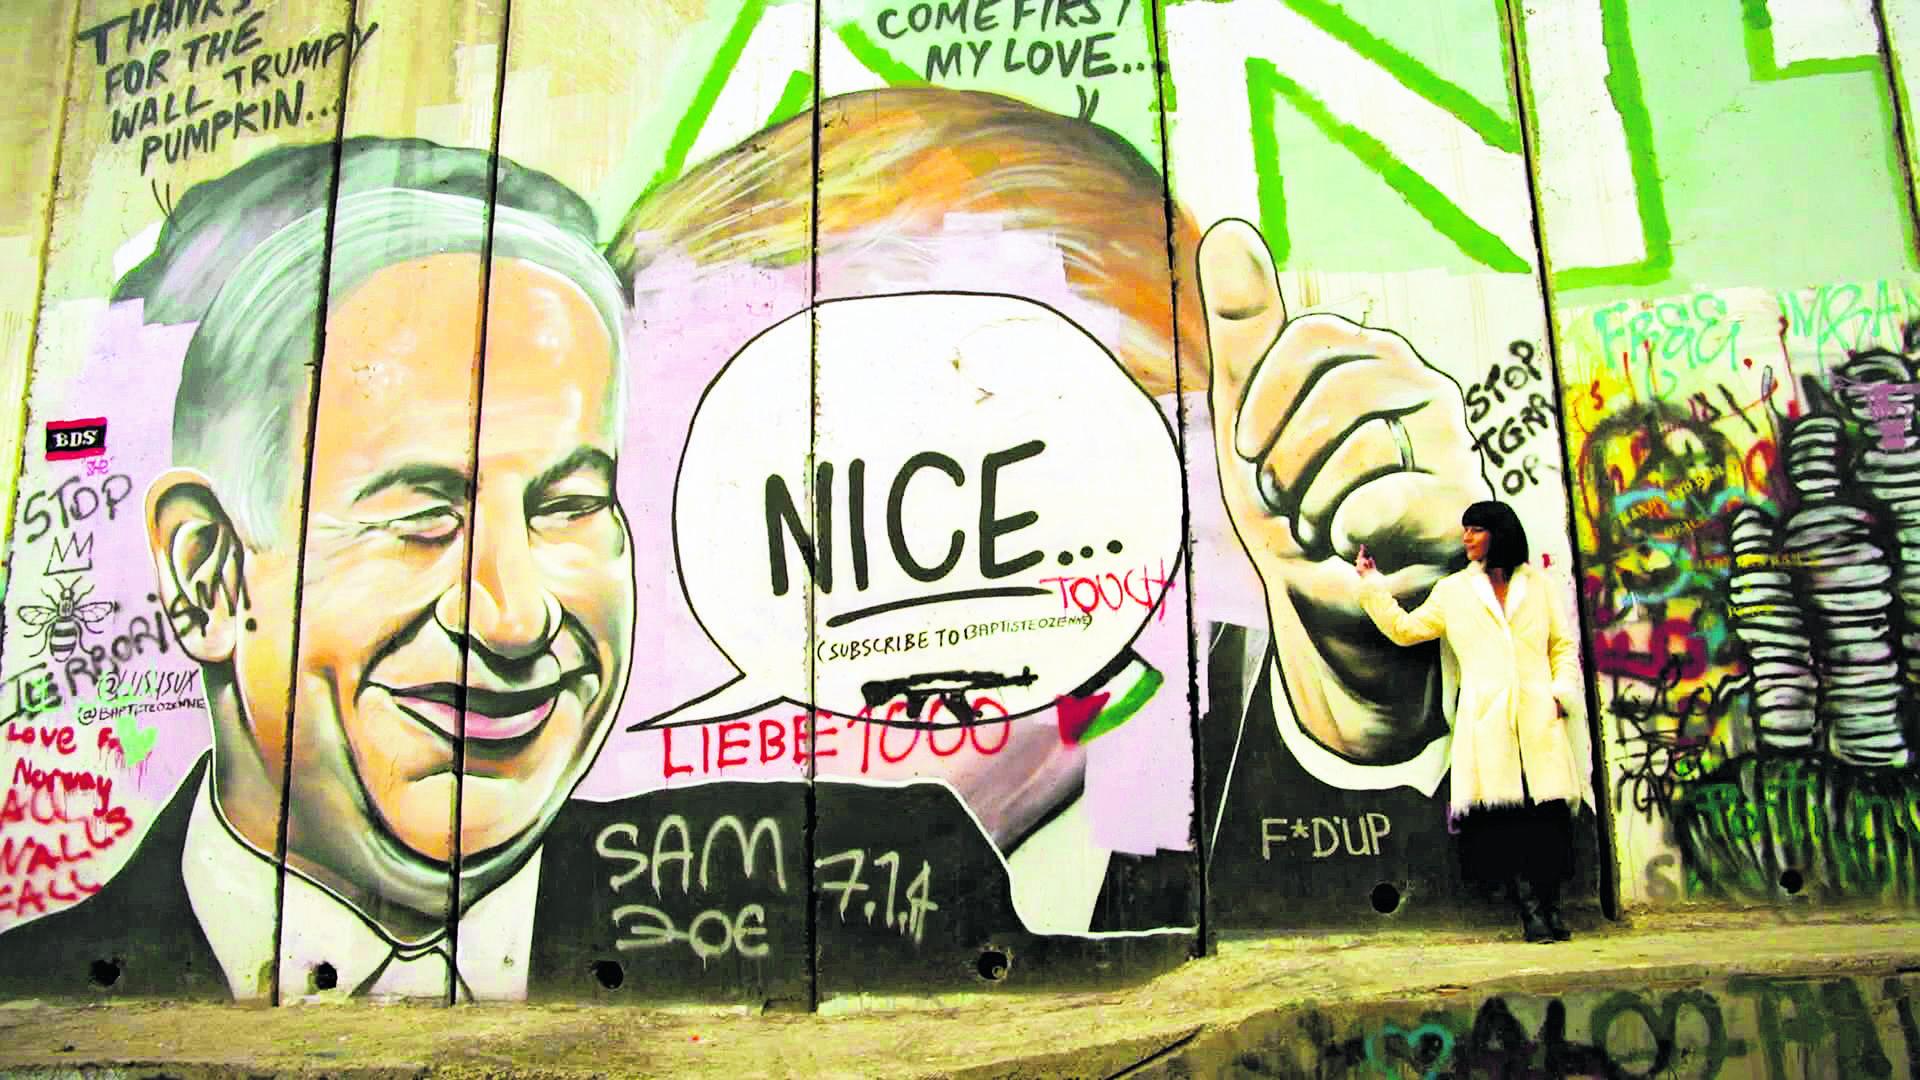 עזריה בקליפ שצולם על רקע חומת ההפרדה בבית לחם | צילום: אופיר מורדוב